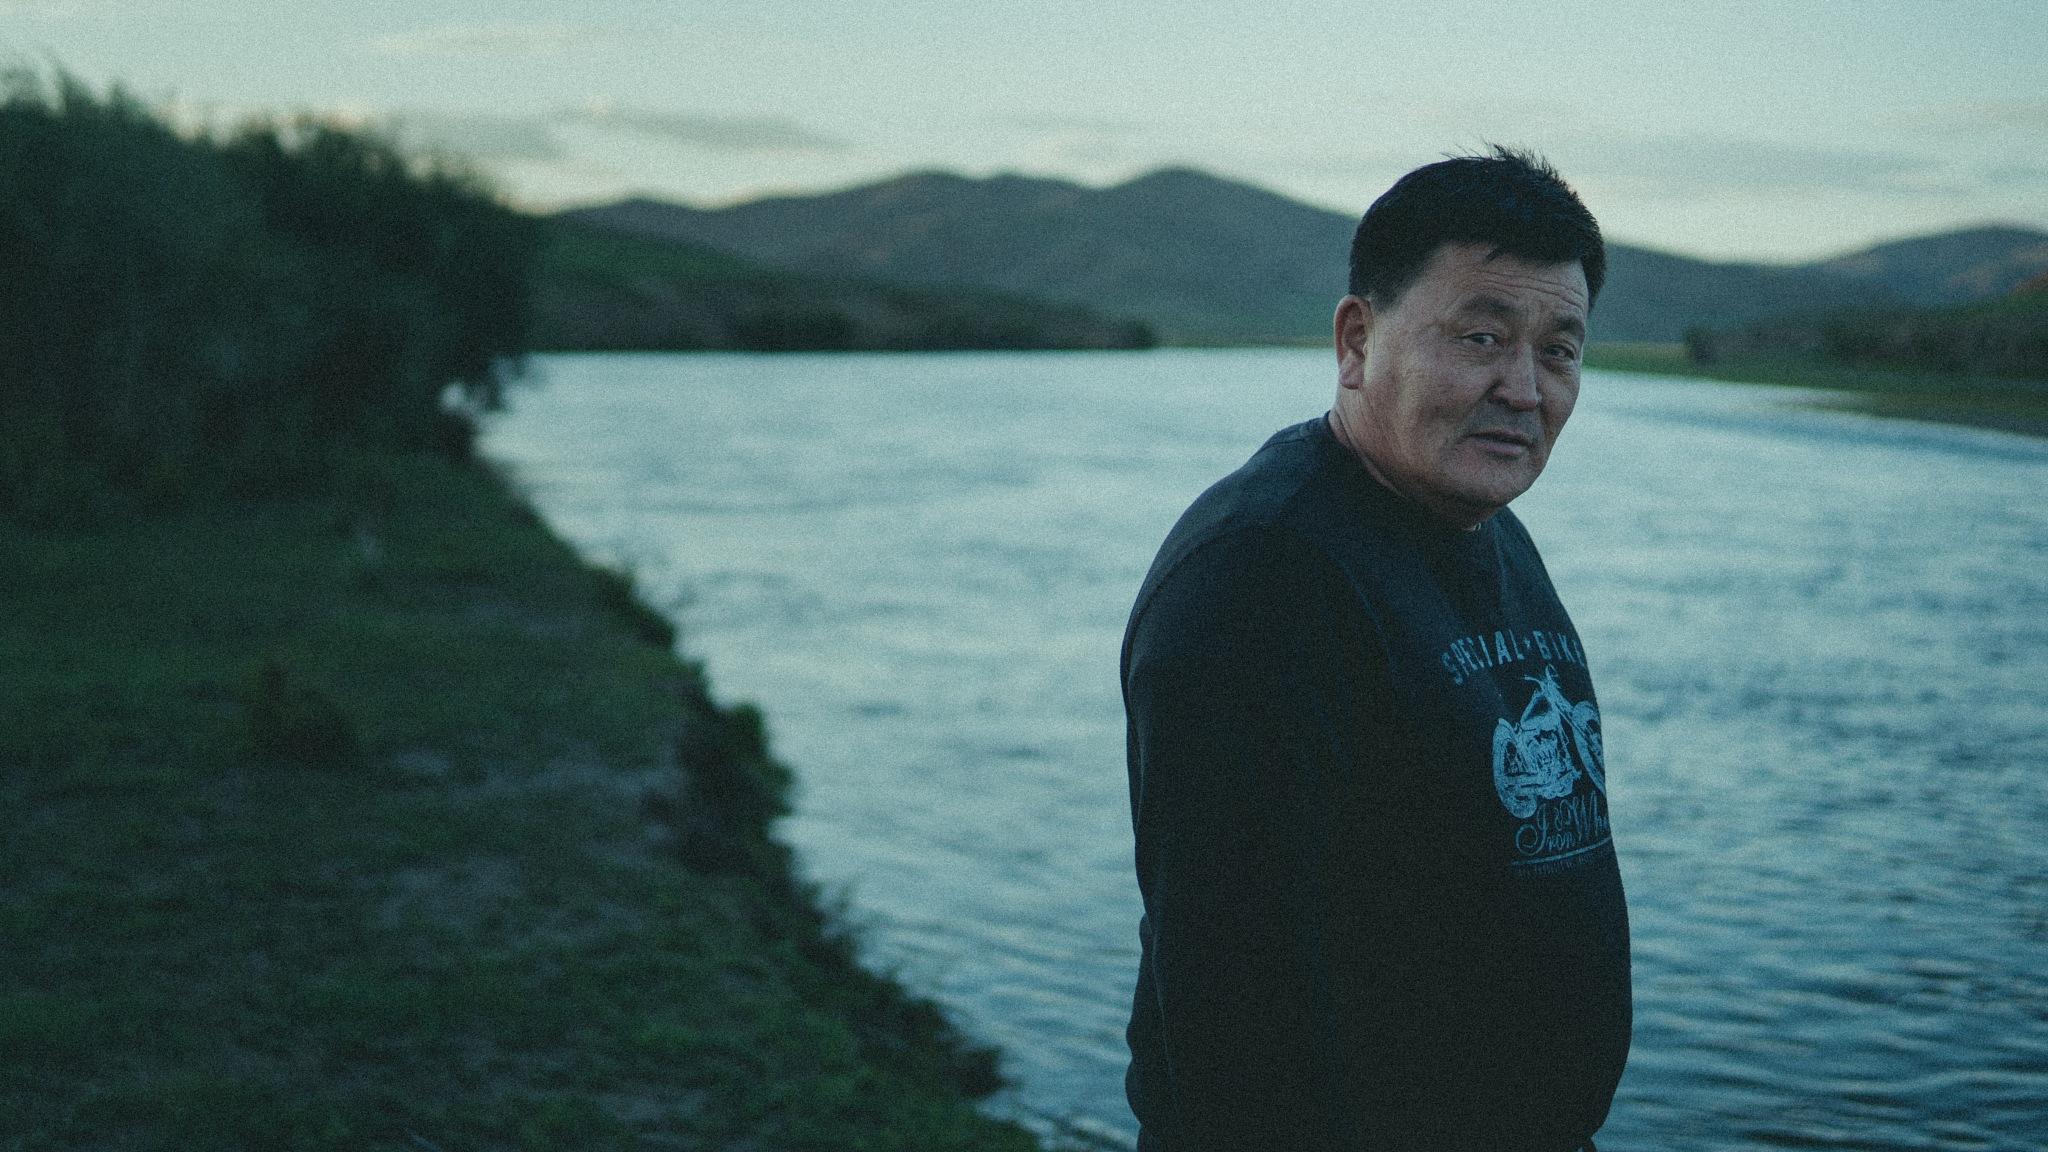 Ex-wrestler by Glenn Ng